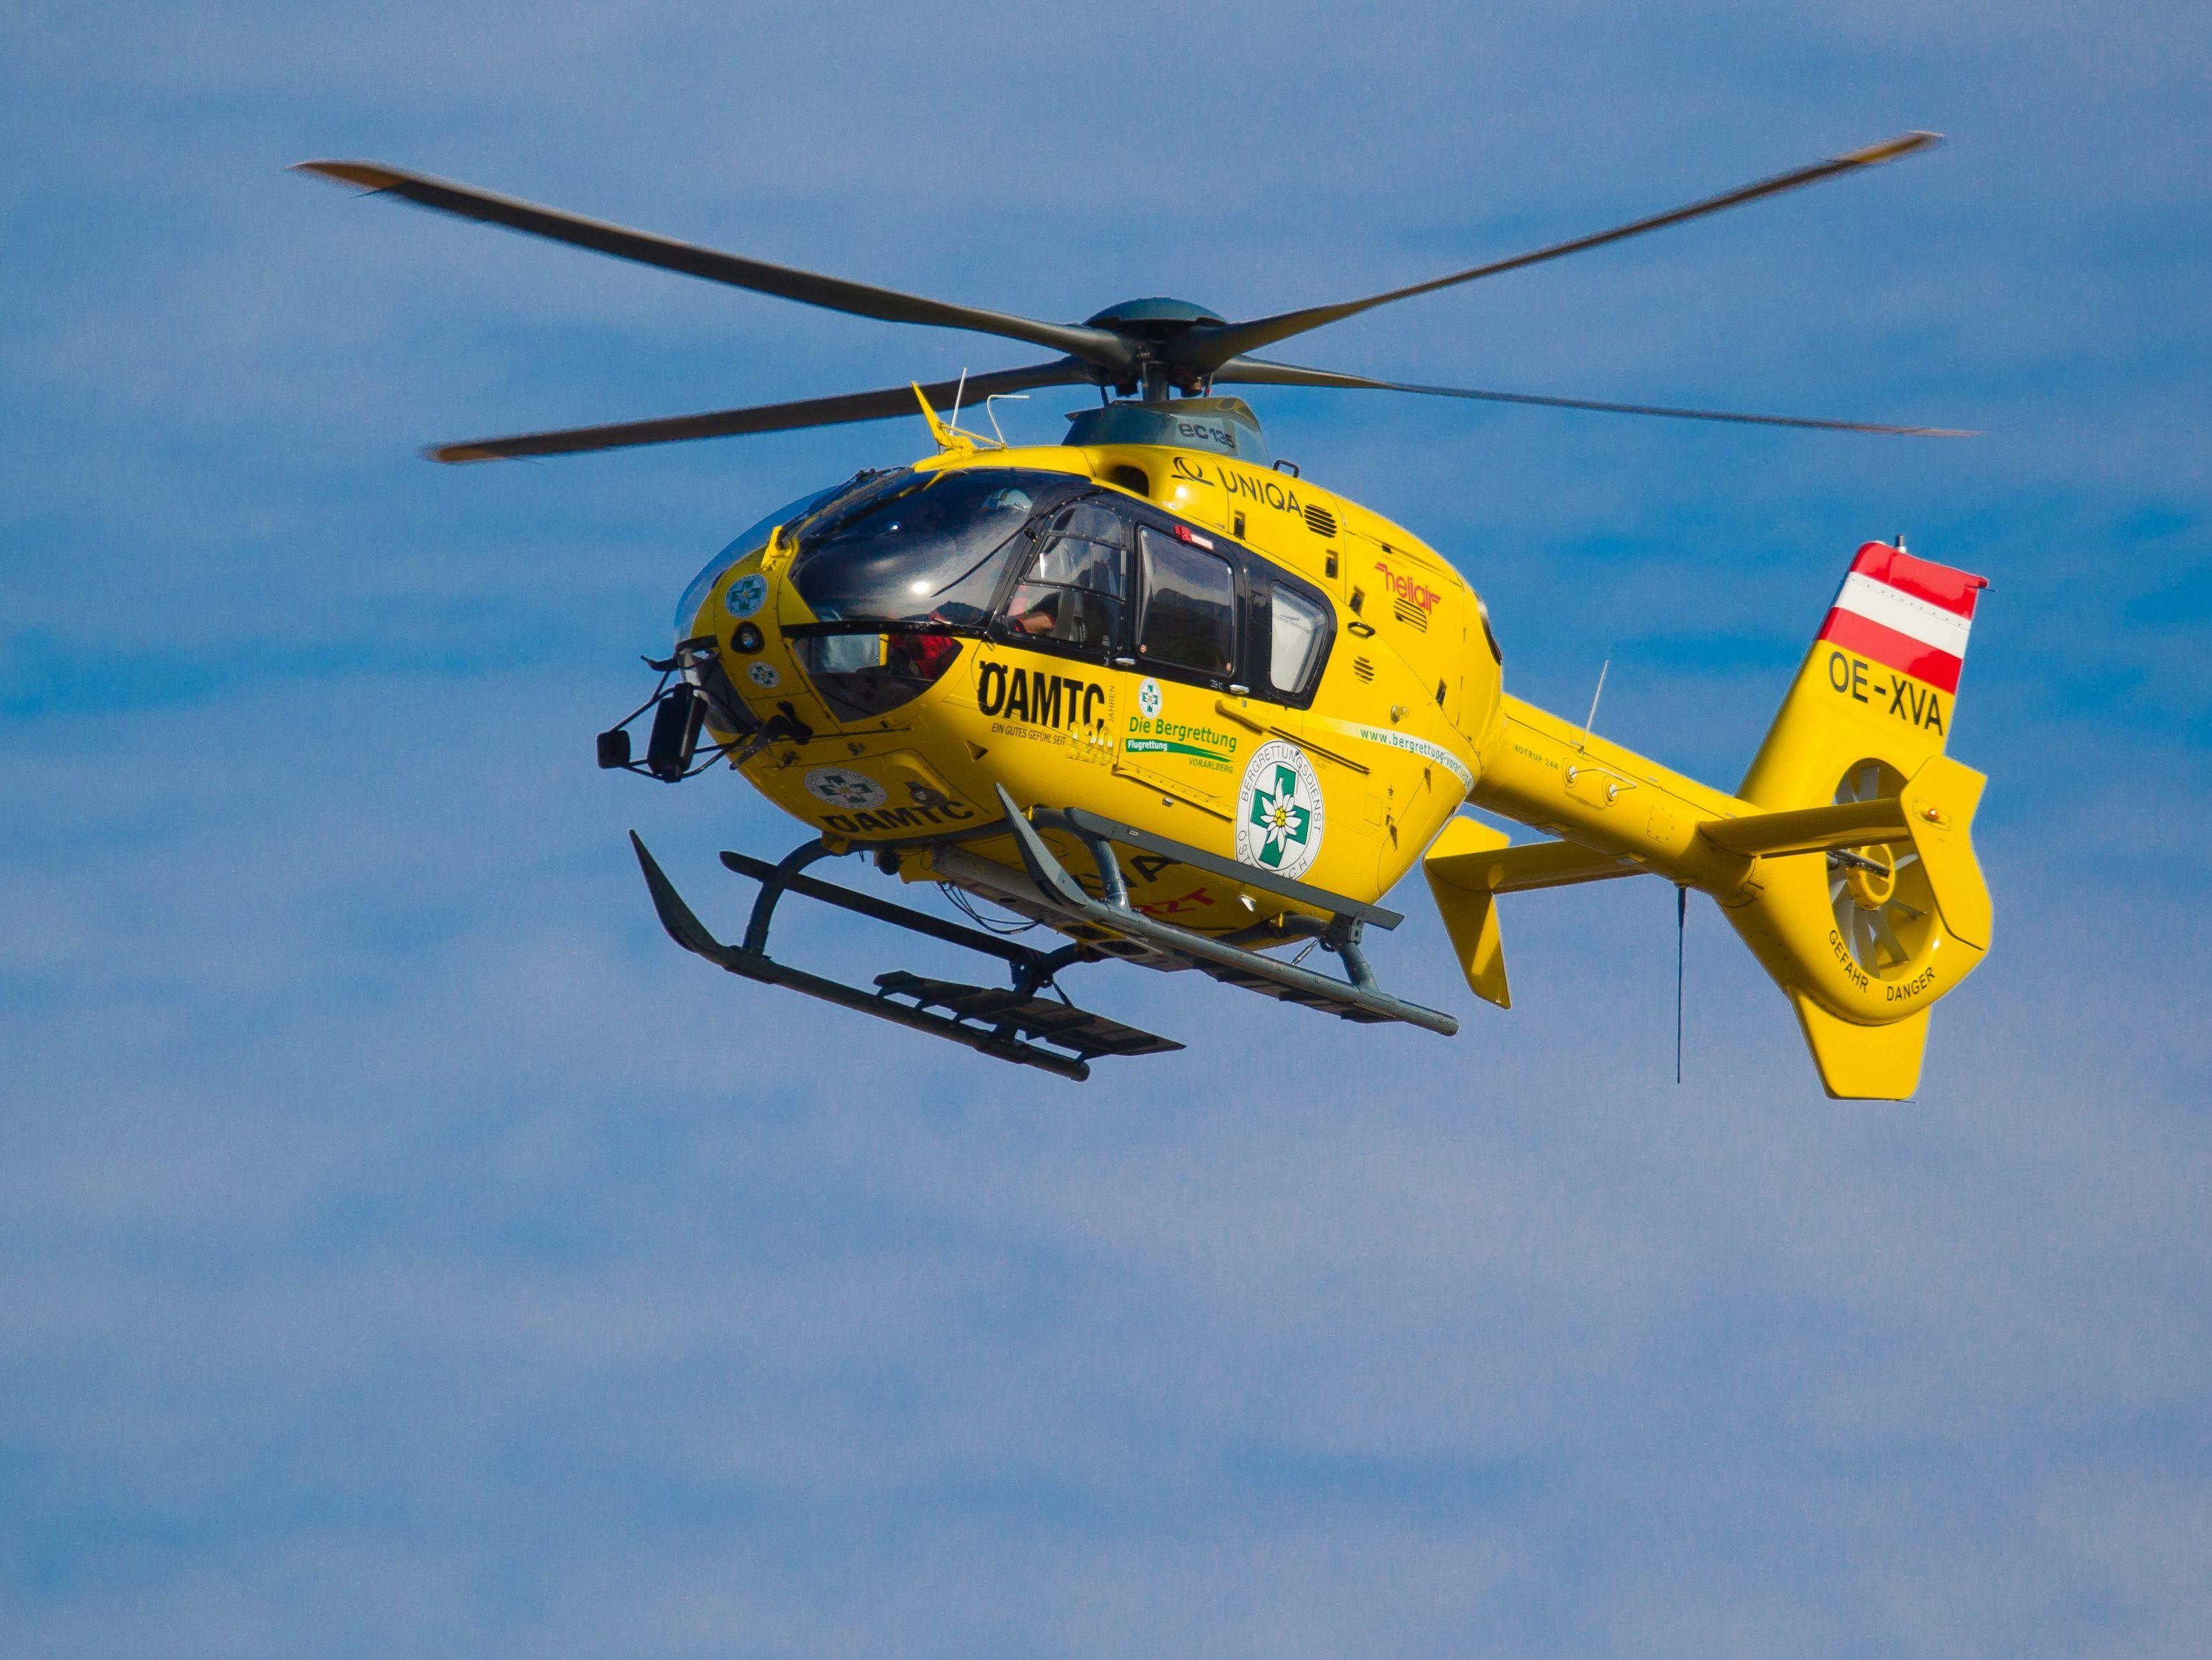 Vorarlberger und Deutscher kollidierten bei Überholmanöver und mussten mit dem Notarzthubschrauber ins Krankenhaus geflogen werden.